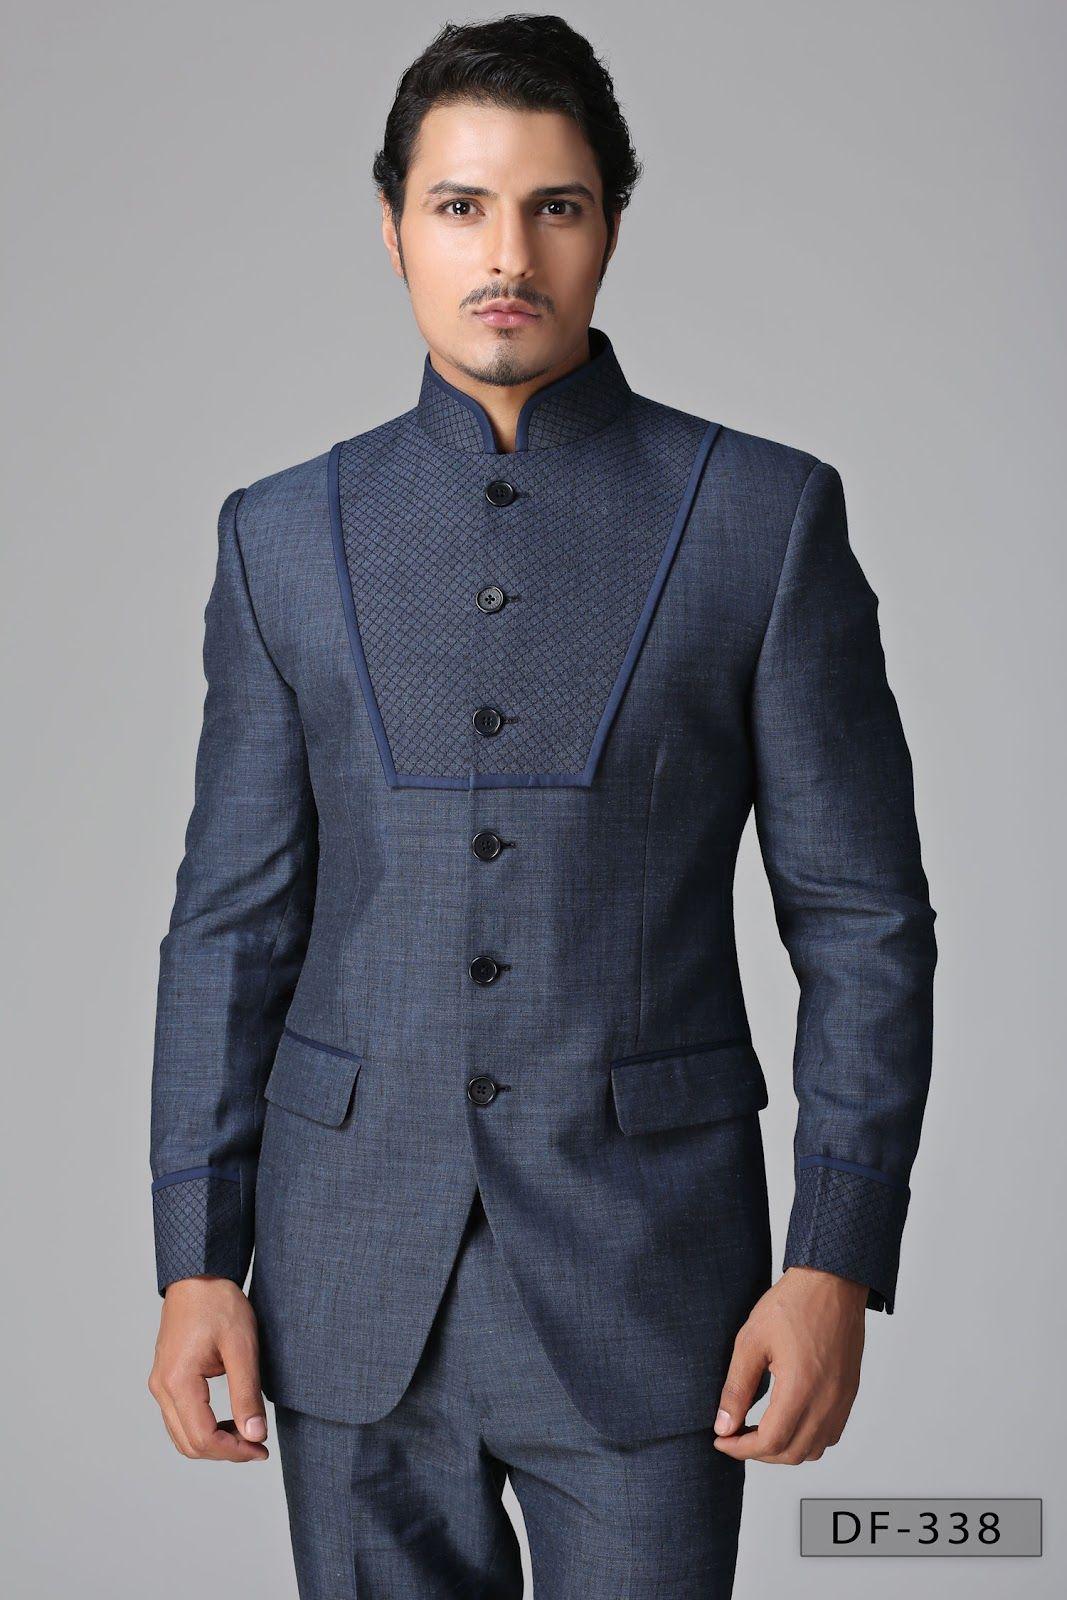 Mens apparels in bangalore dating